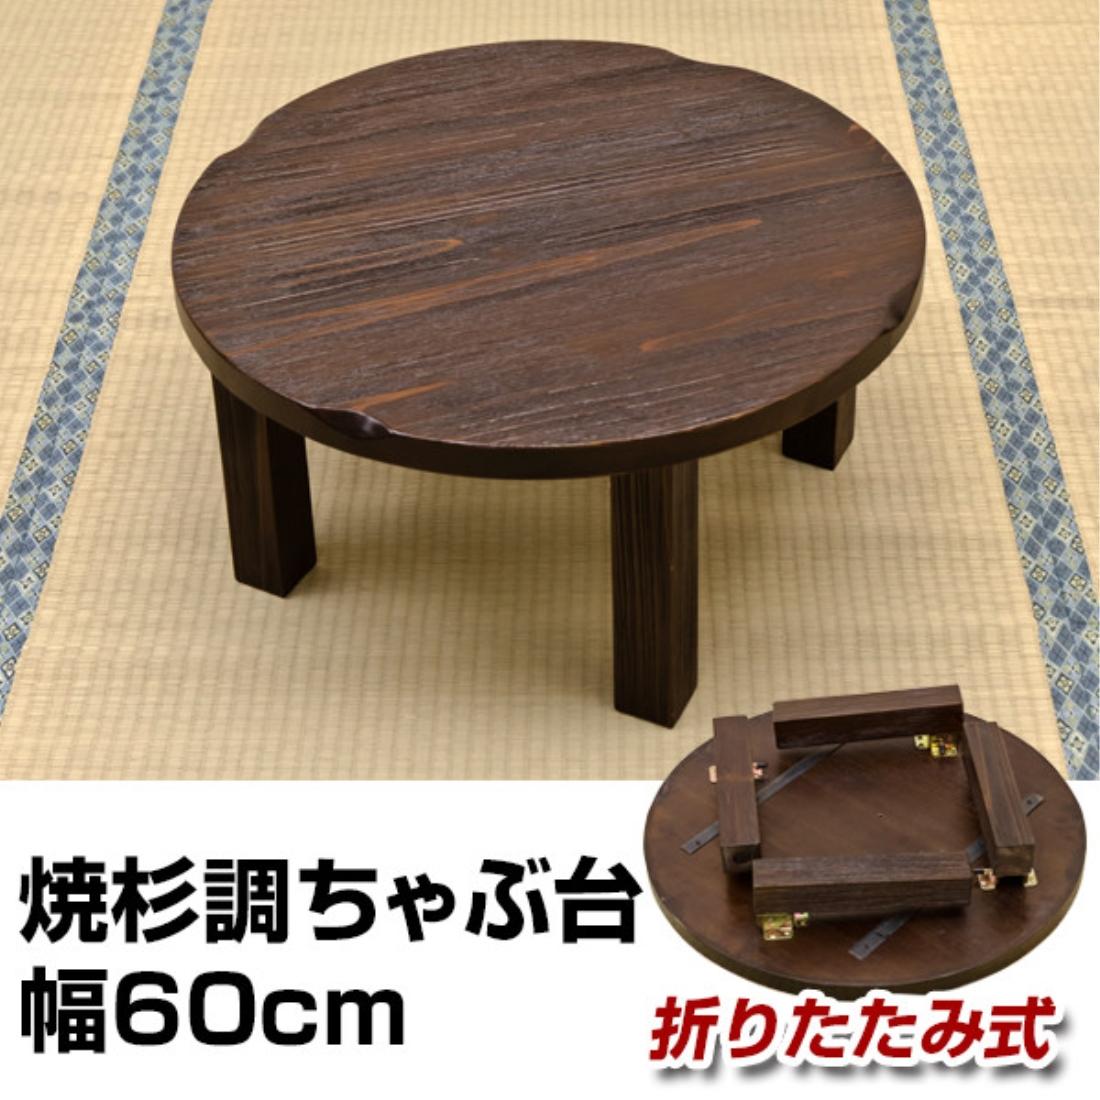 インテリア 家具 焼き杉調ちゃぶ台 テーブル 机